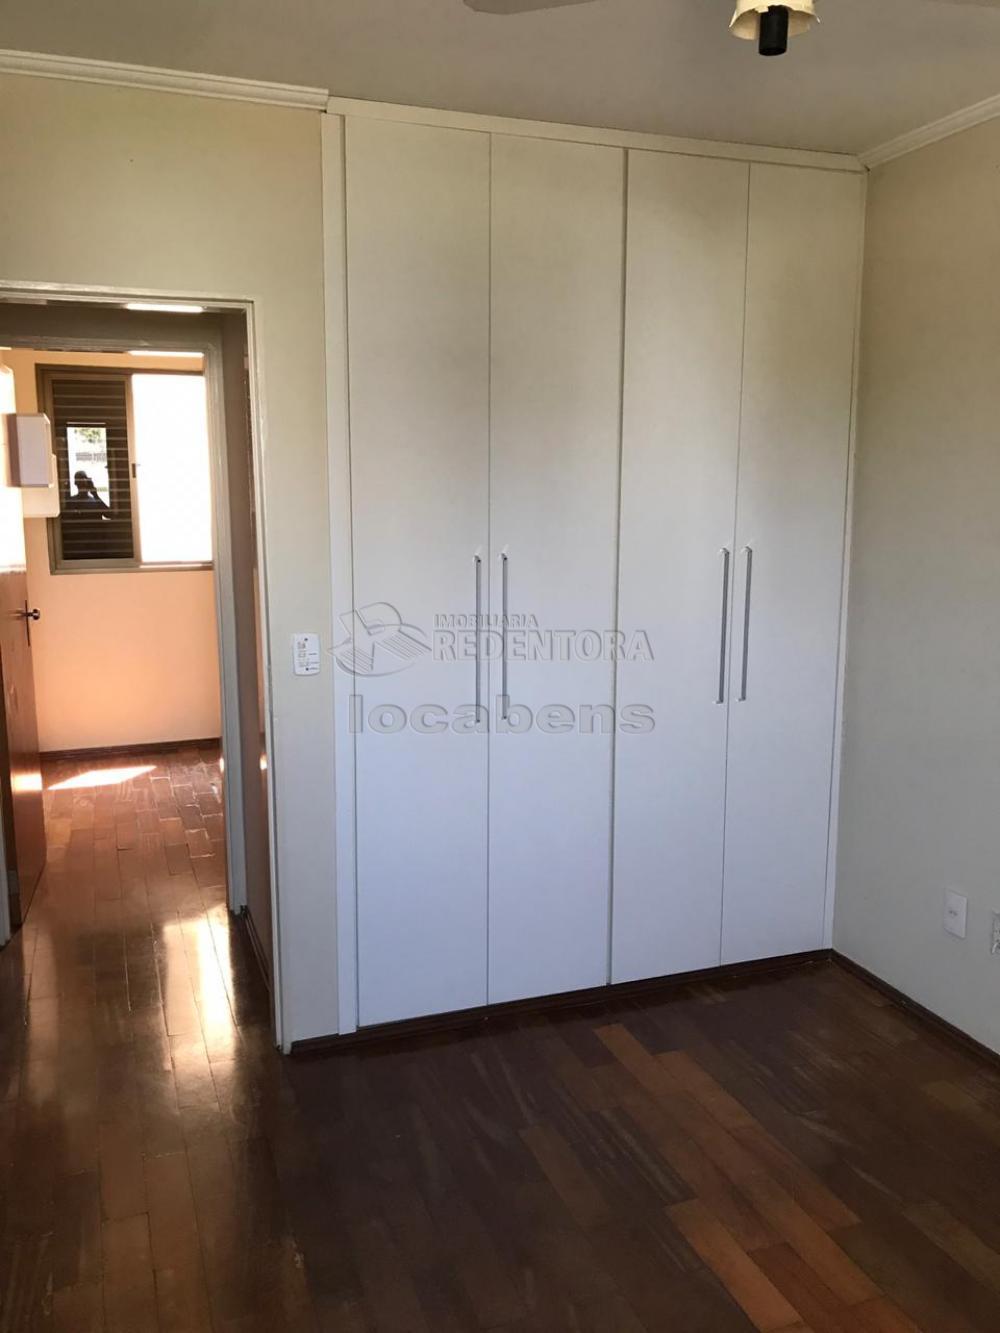 Comprar Apartamento / Padrão em São José do Rio Preto apenas R$ 290.000,00 - Foto 12